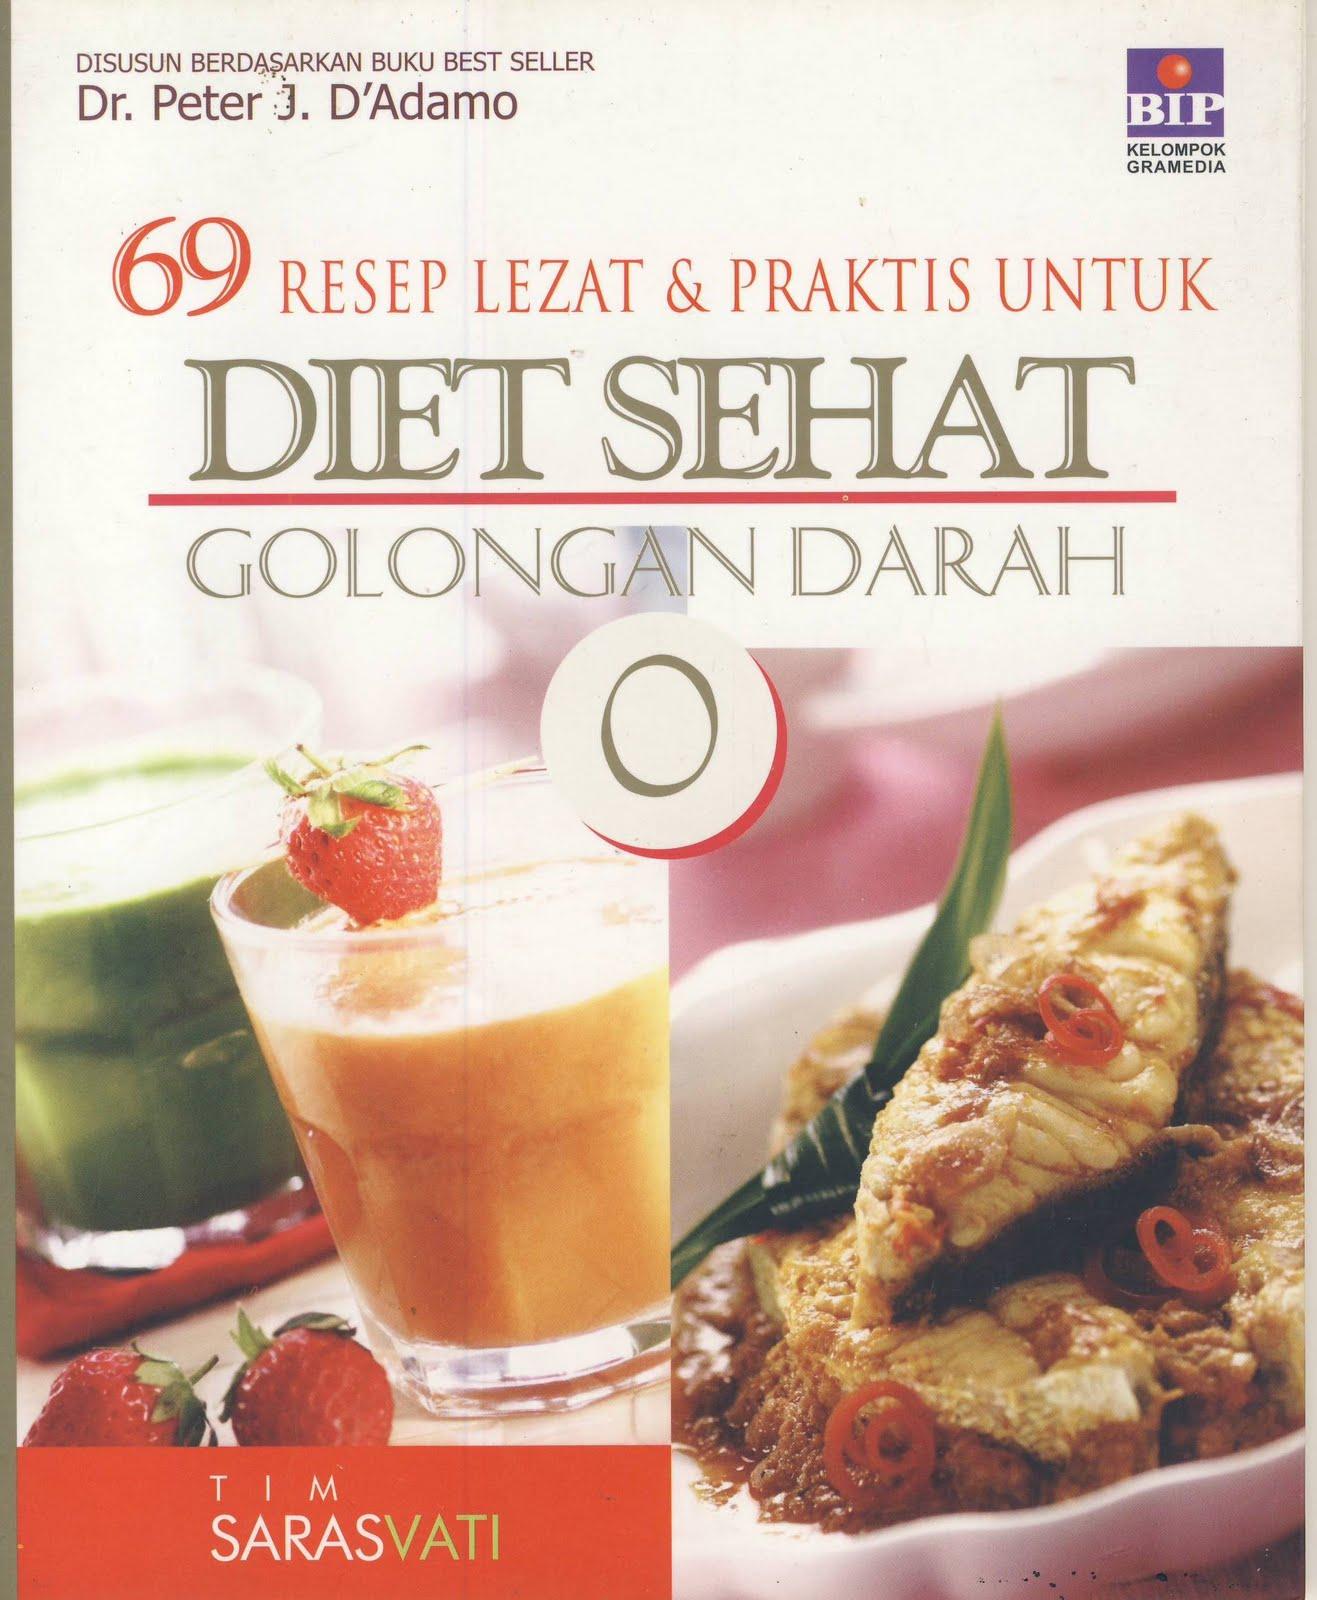 Nutrisi Langsing Diet Sehat Bugar menggunakan NutriShake Diet